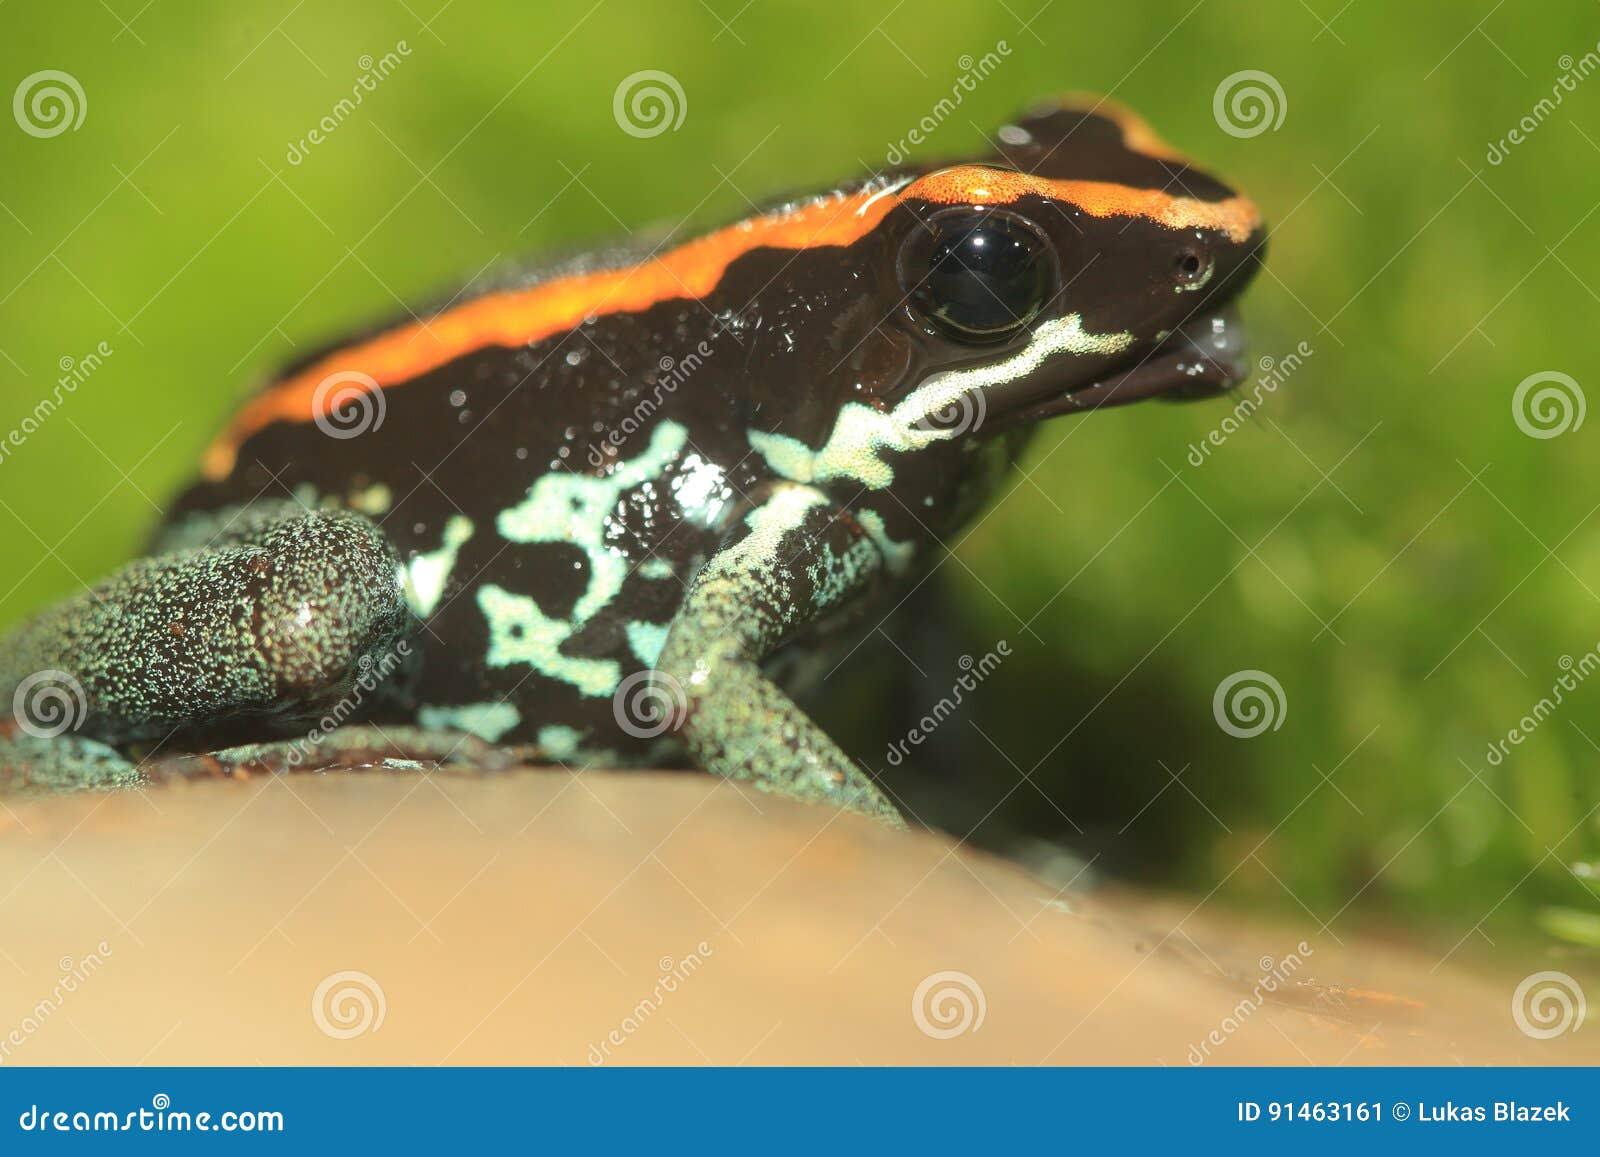 Golfodulcean poison frog